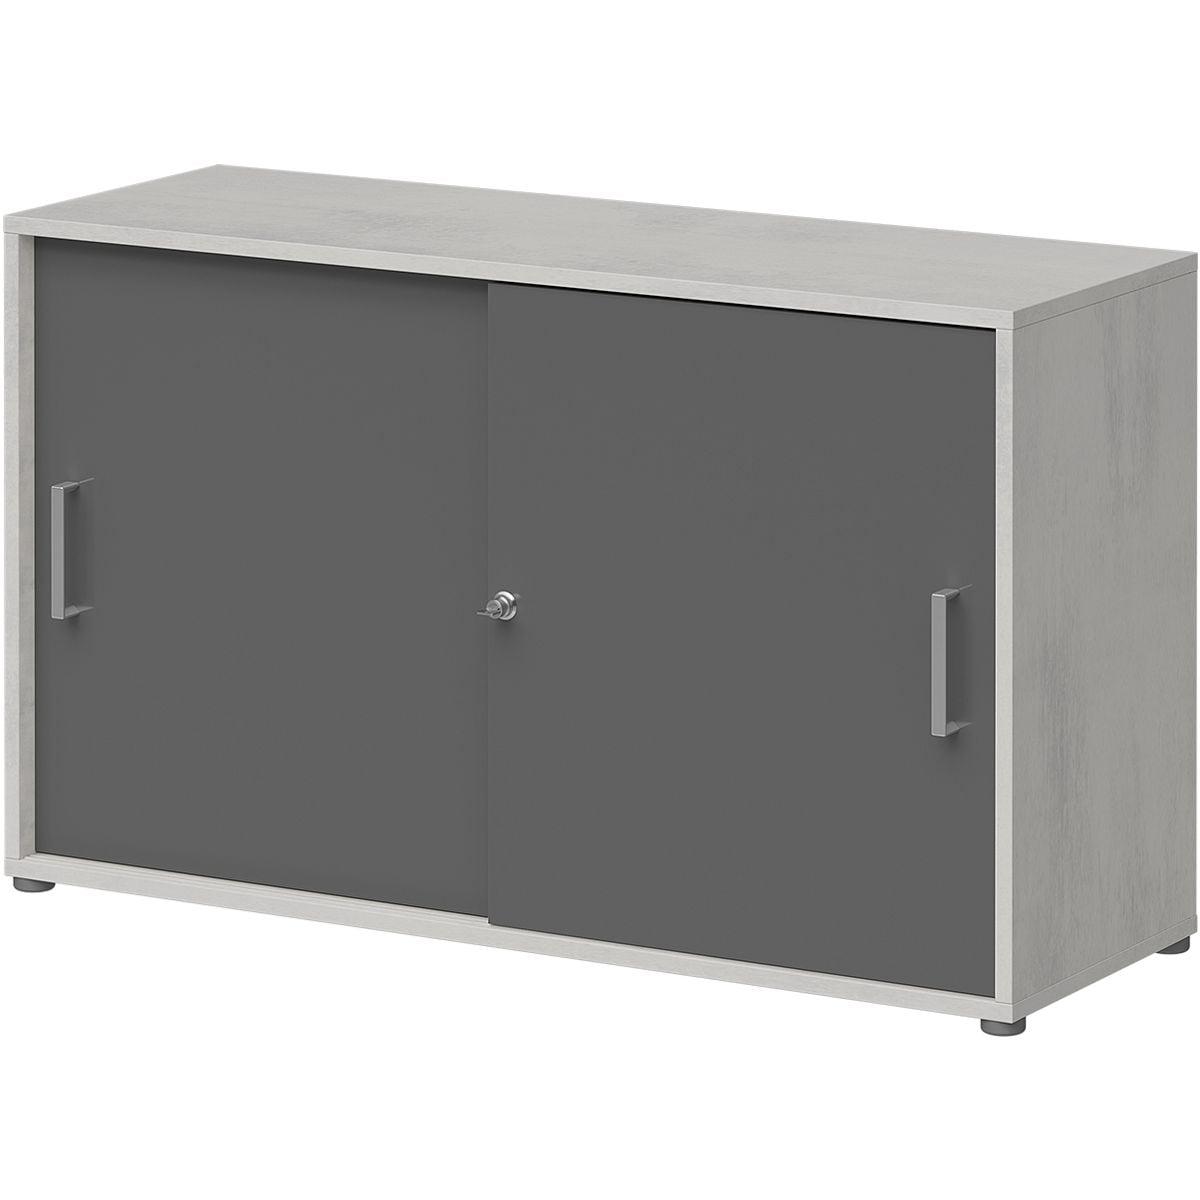 wellem bel schiebet renschrank planeo 120 cm breit bei otto office g nstig kaufen. Black Bedroom Furniture Sets. Home Design Ideas